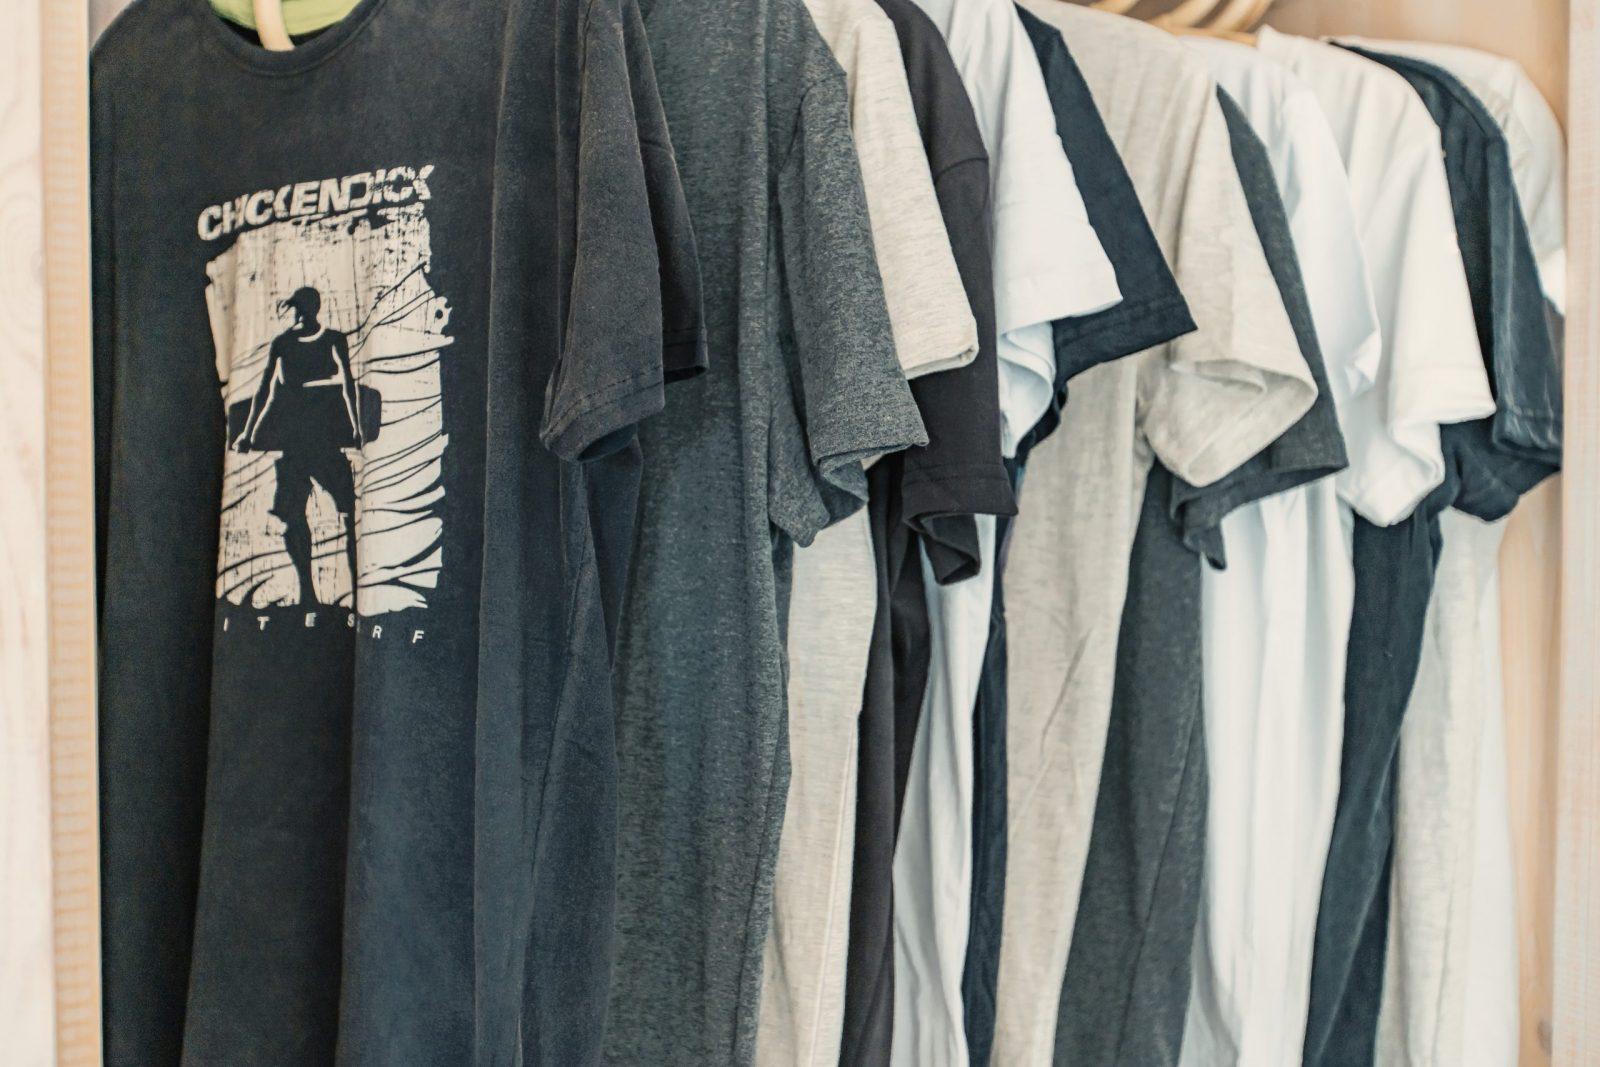 dans la boutique de Dakhla Evasion vous trouverez des T shirt Chickendick